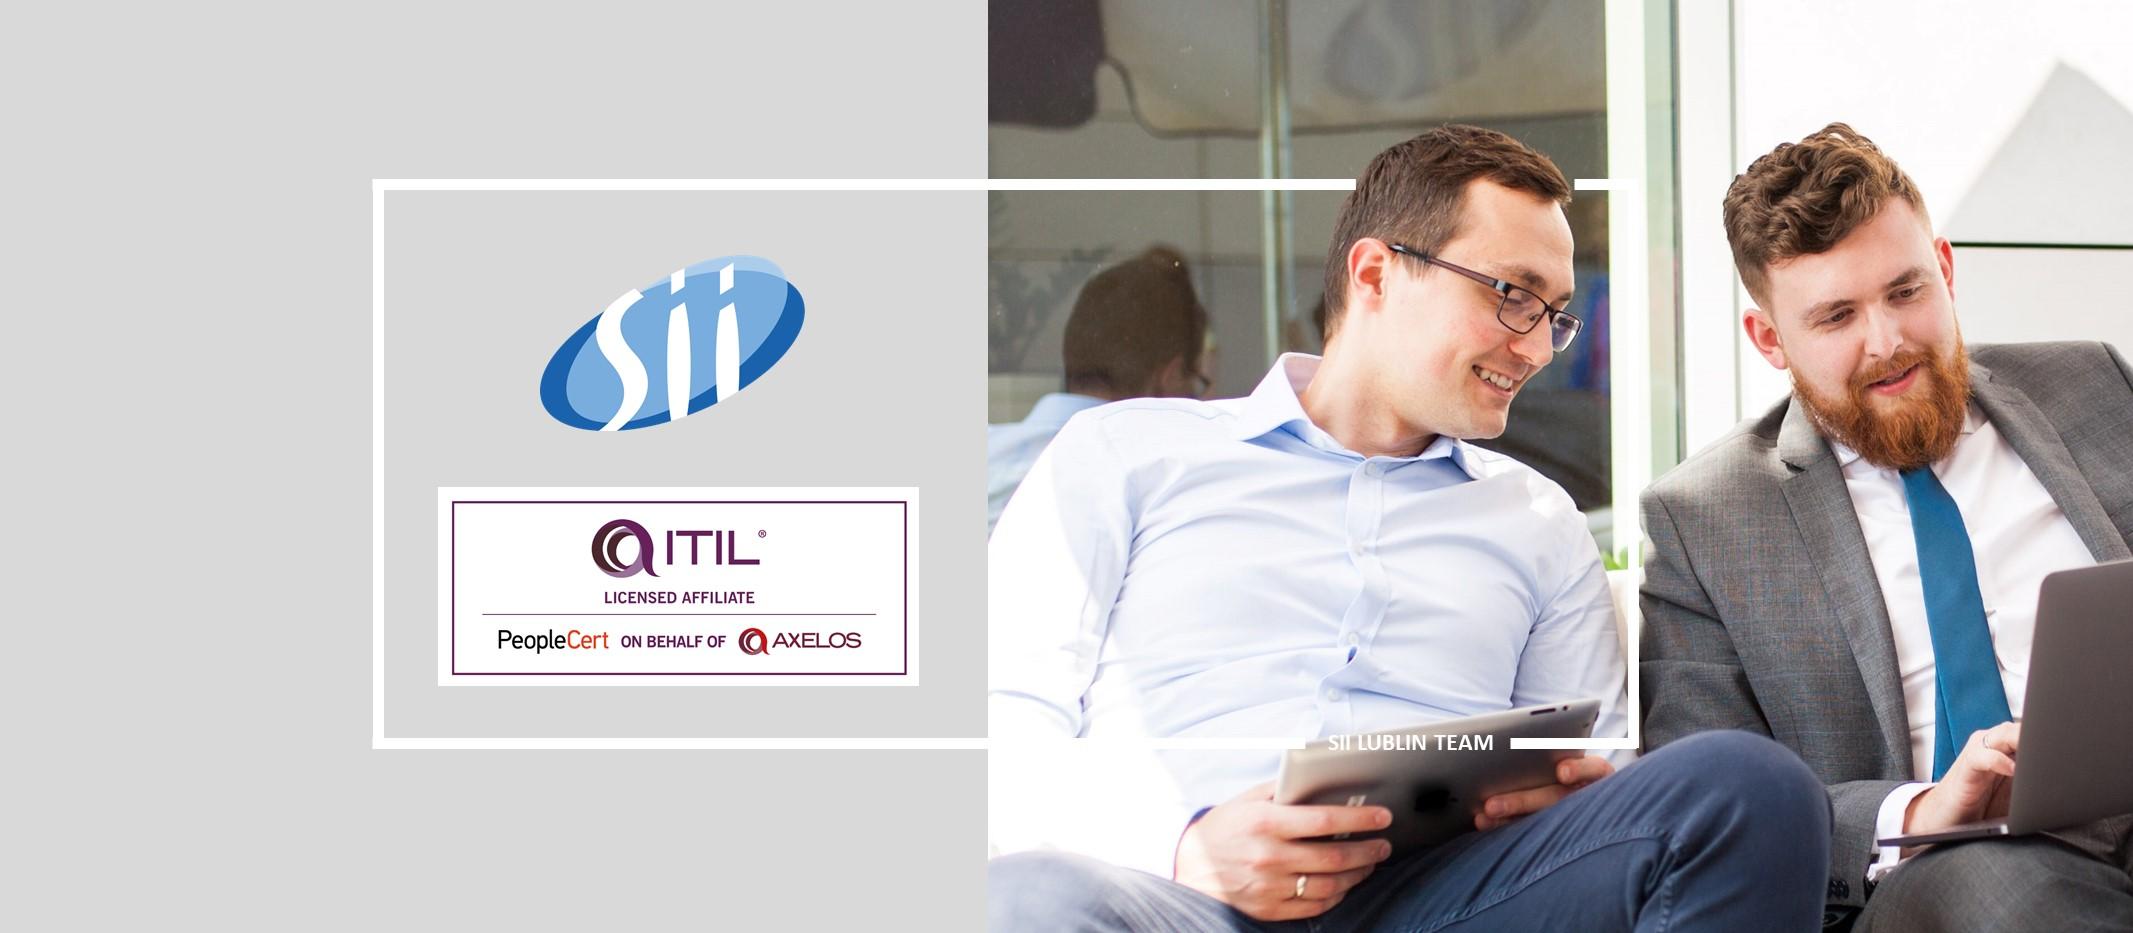 Zarządzanie usługami IT w dobie cyfrowej transformacji. Najnowsze szkolenie ITIL®4 już dostępne w ofercie Praktyki Szkoleniowej Sii